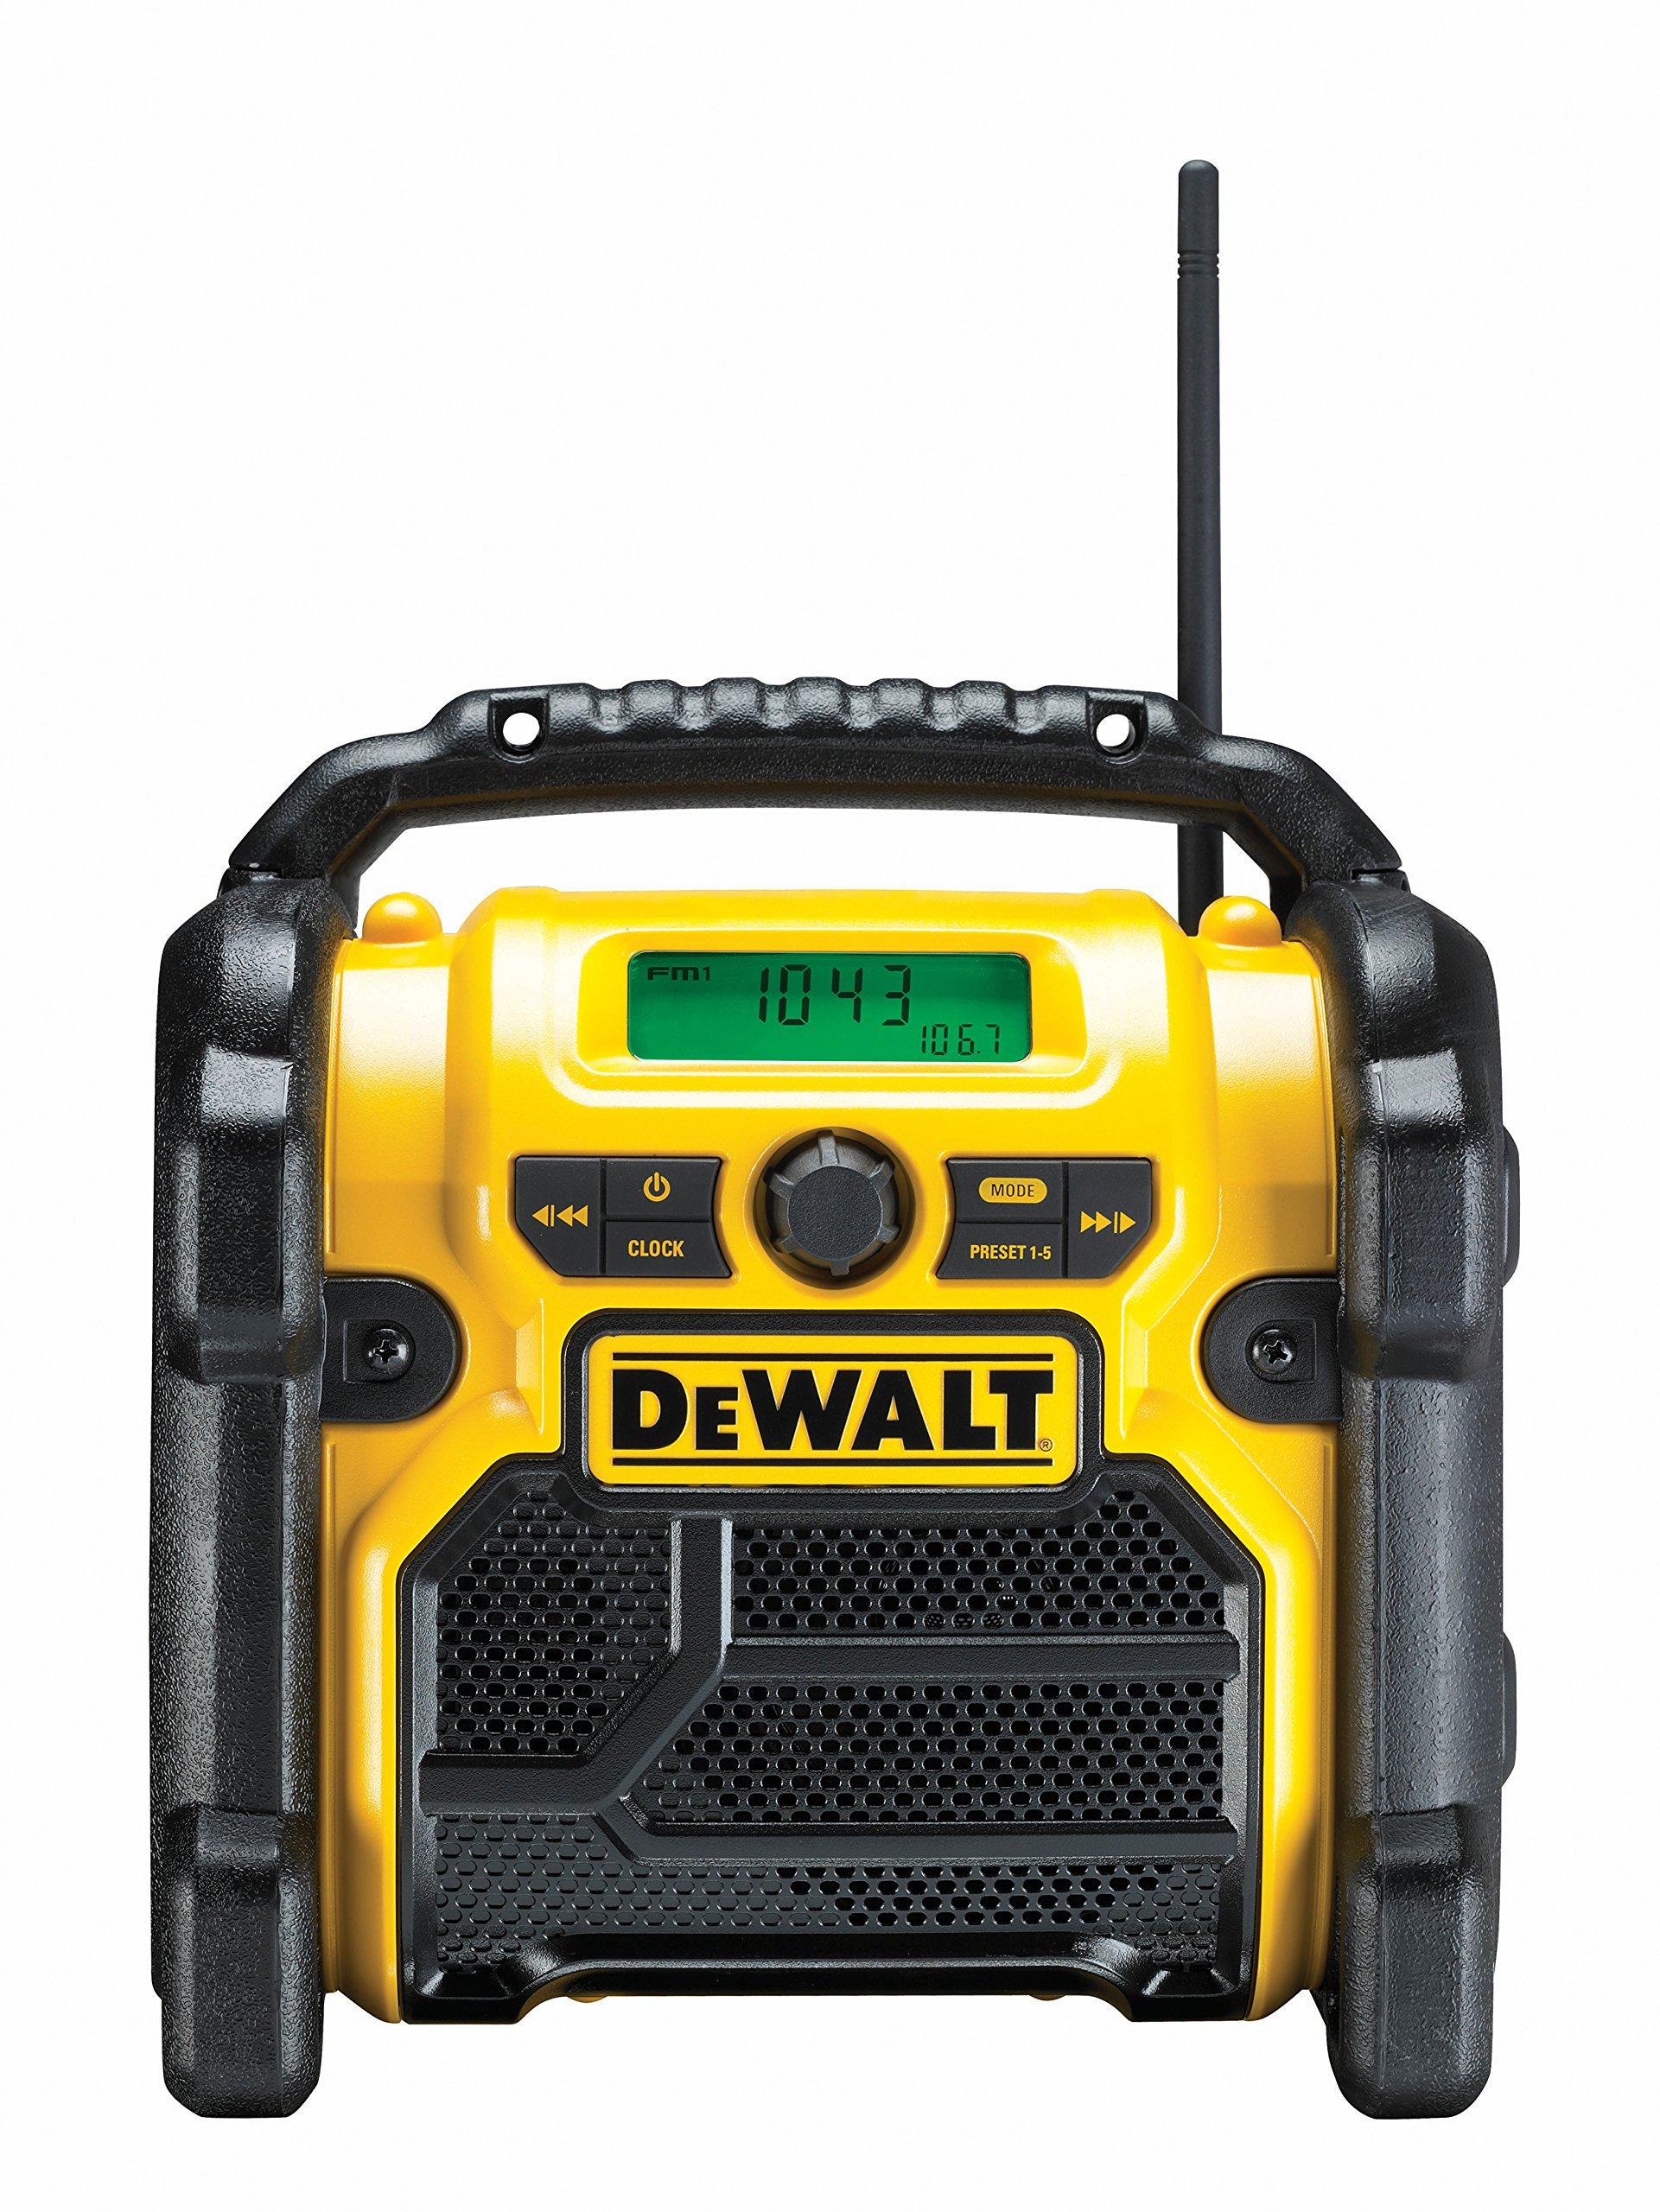 Dewalt DCR019 Akku Baustellenradio – 2in1 Radio